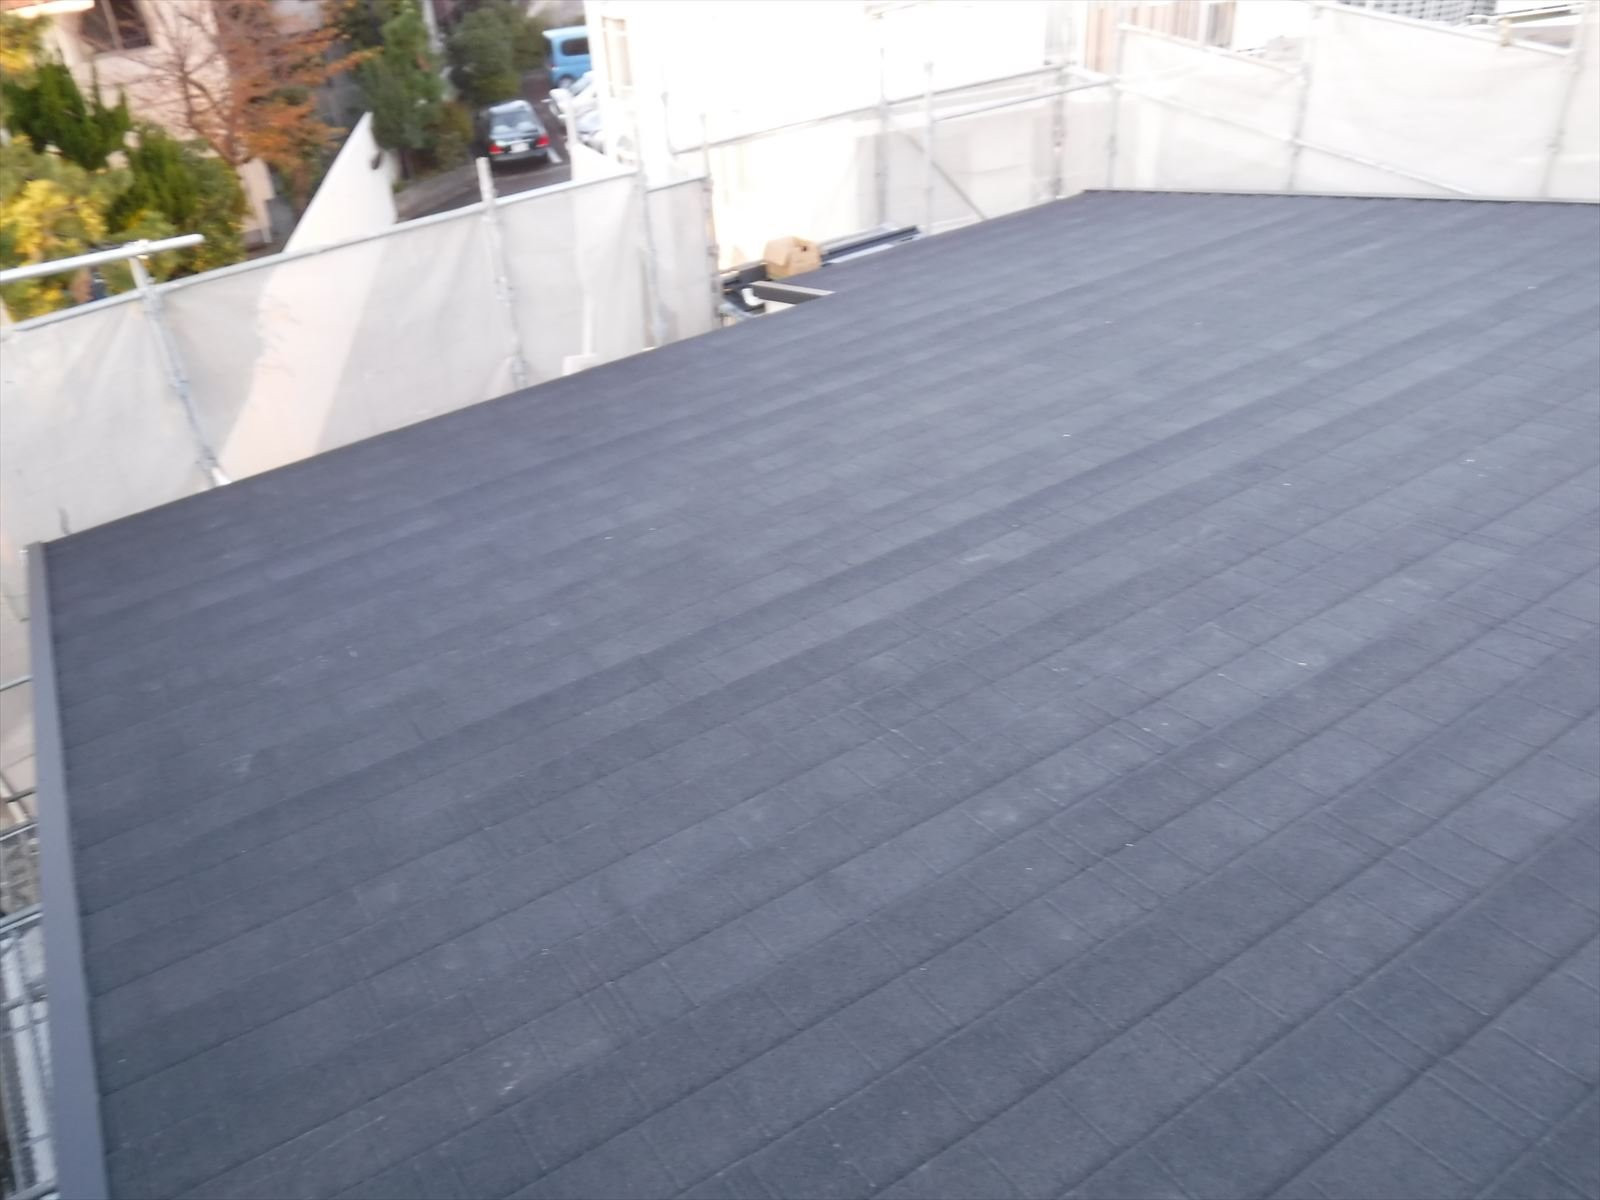 茅ヶ崎市 雨漏りによる屋根工事(カバー工法)画像1